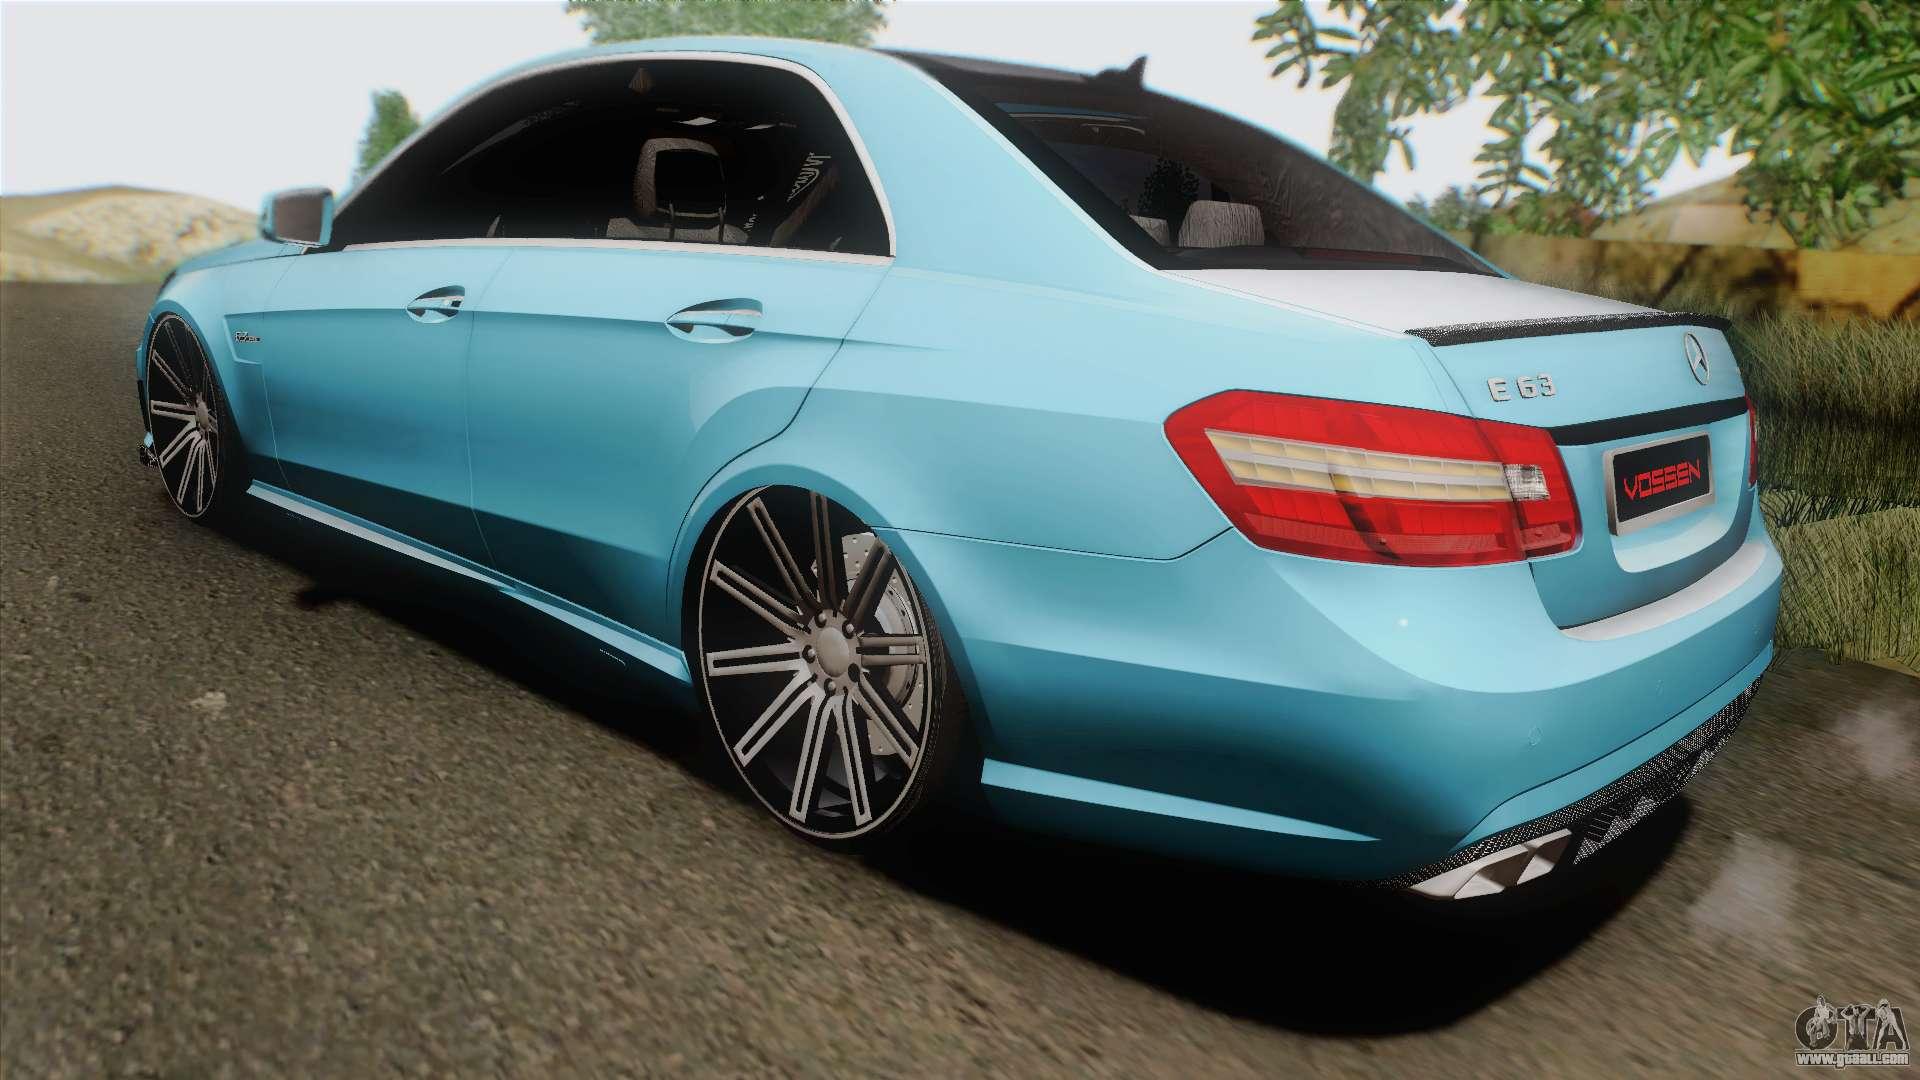 Mercedes benz e63 amg 2010 vossen wheels for gta san andreas for Mercedes benz e63 2010